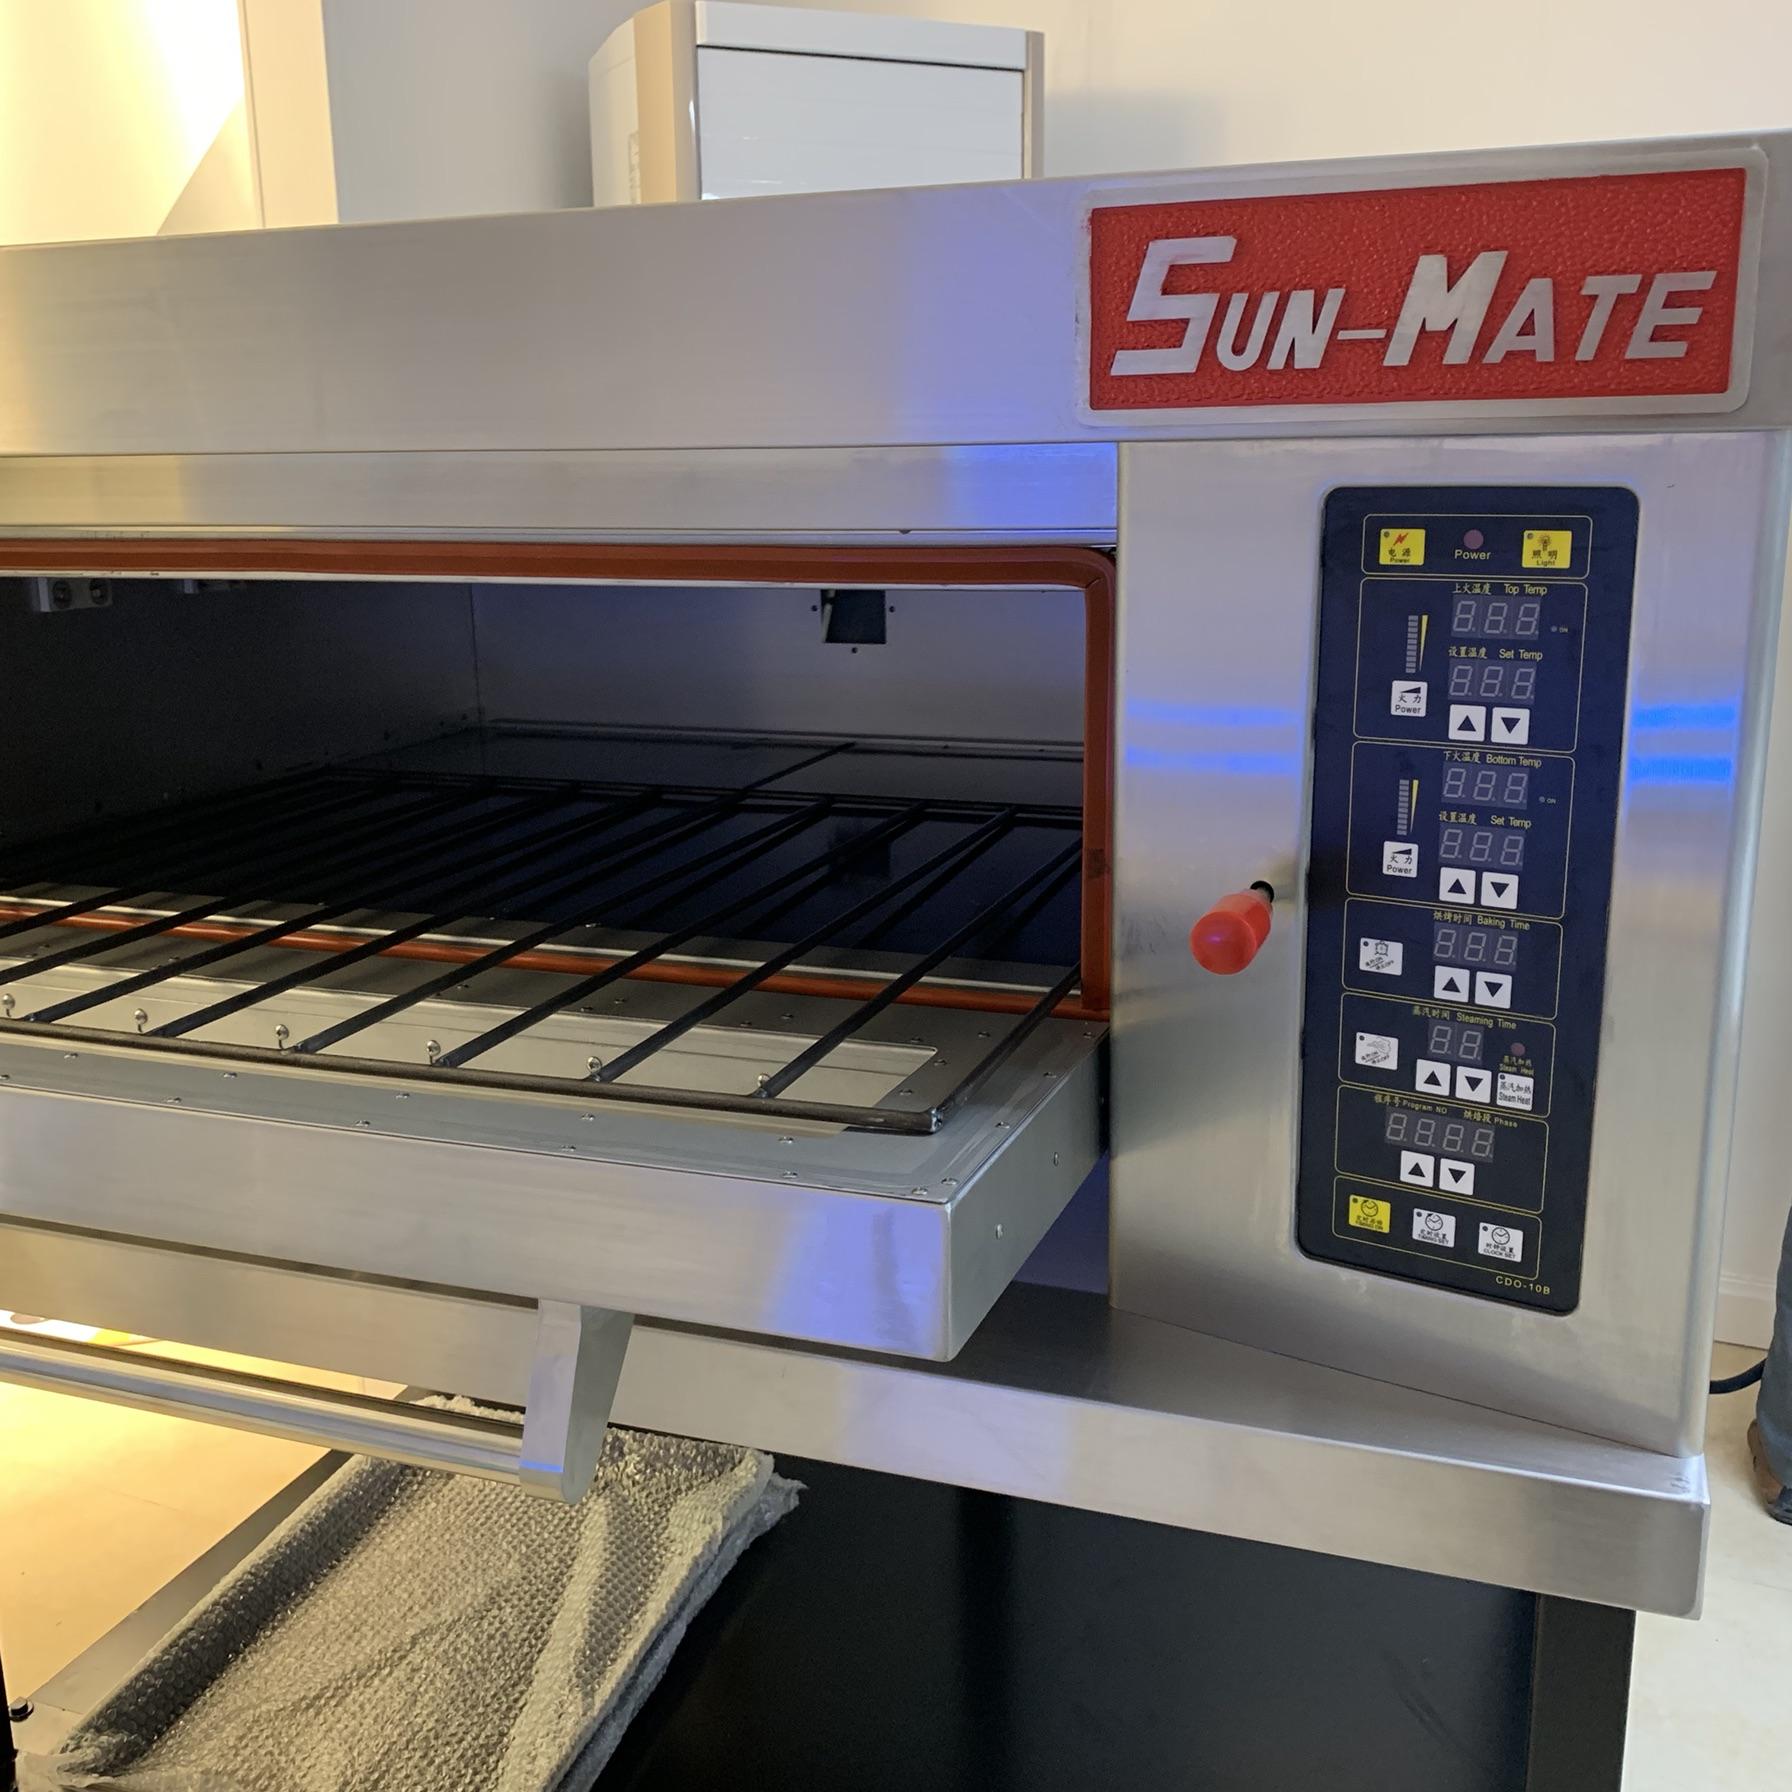 三麦SEC-1Y电脑版三麦烤箱可加蒸汽烤欧包一层两盘商用烤箱烘焙